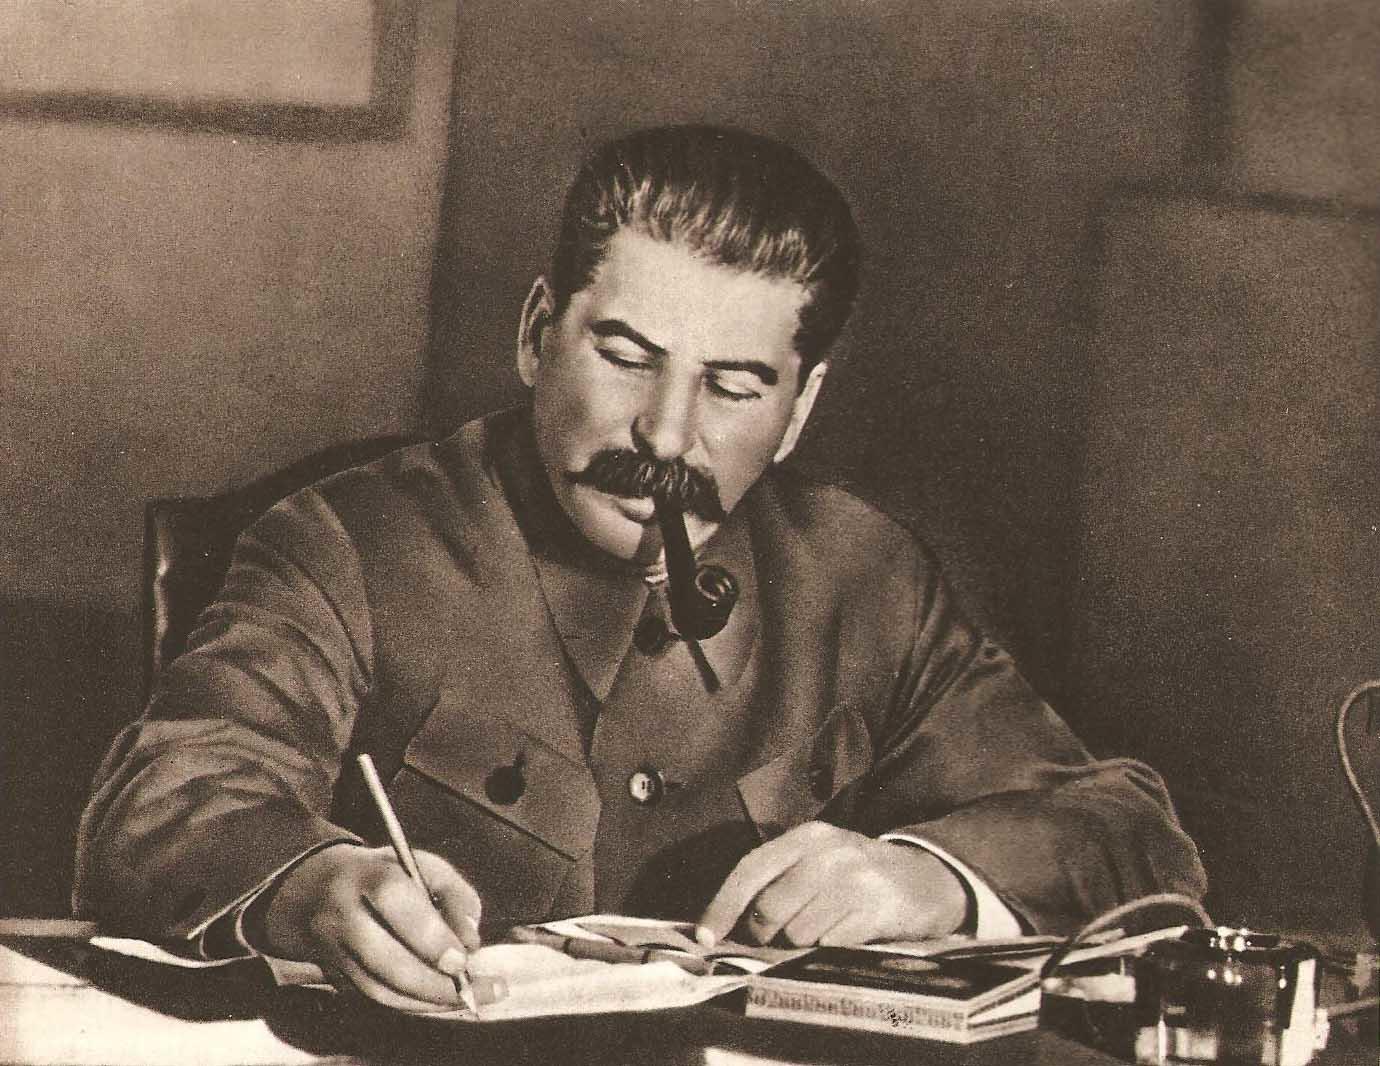 О претензиях англосаксов на мировое господство Иосиф Виссарионович Сталин | Блог Rif | КОНТ